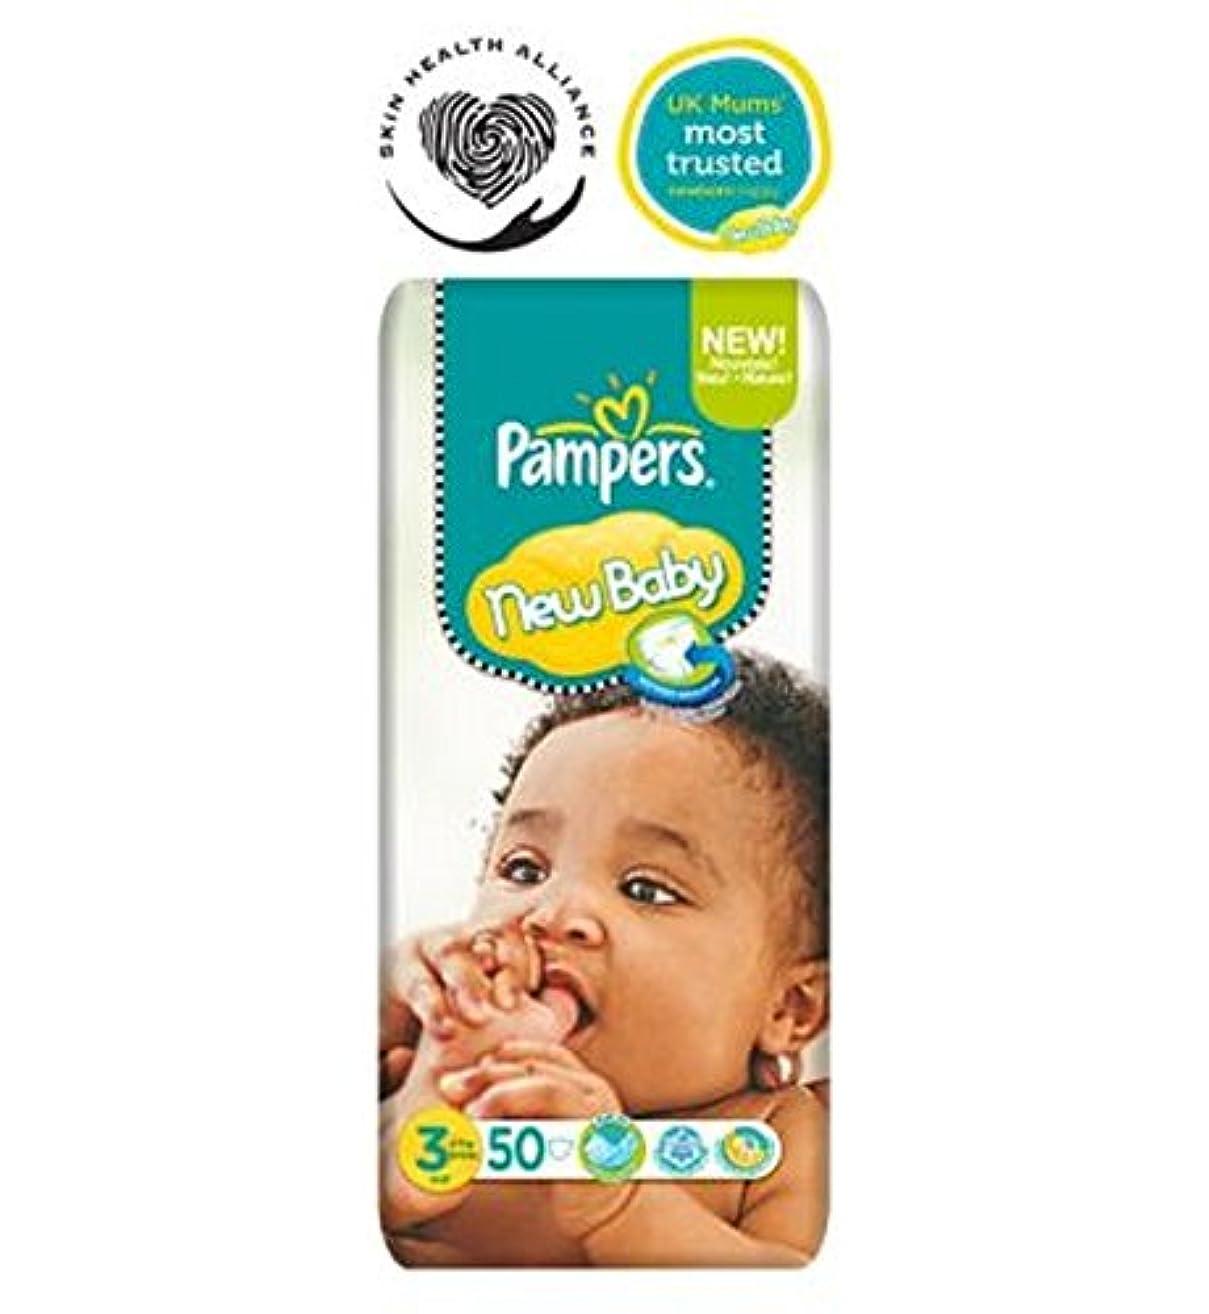 レプリカベジタリアン誰でもPampers New Baby Nappies Size 3 Essential Pack - 50 Nappies - パンパース新しい赤ちゃんのおむつサイズ3不可欠パック - 50おむつ (Pampers) [並行輸入品]